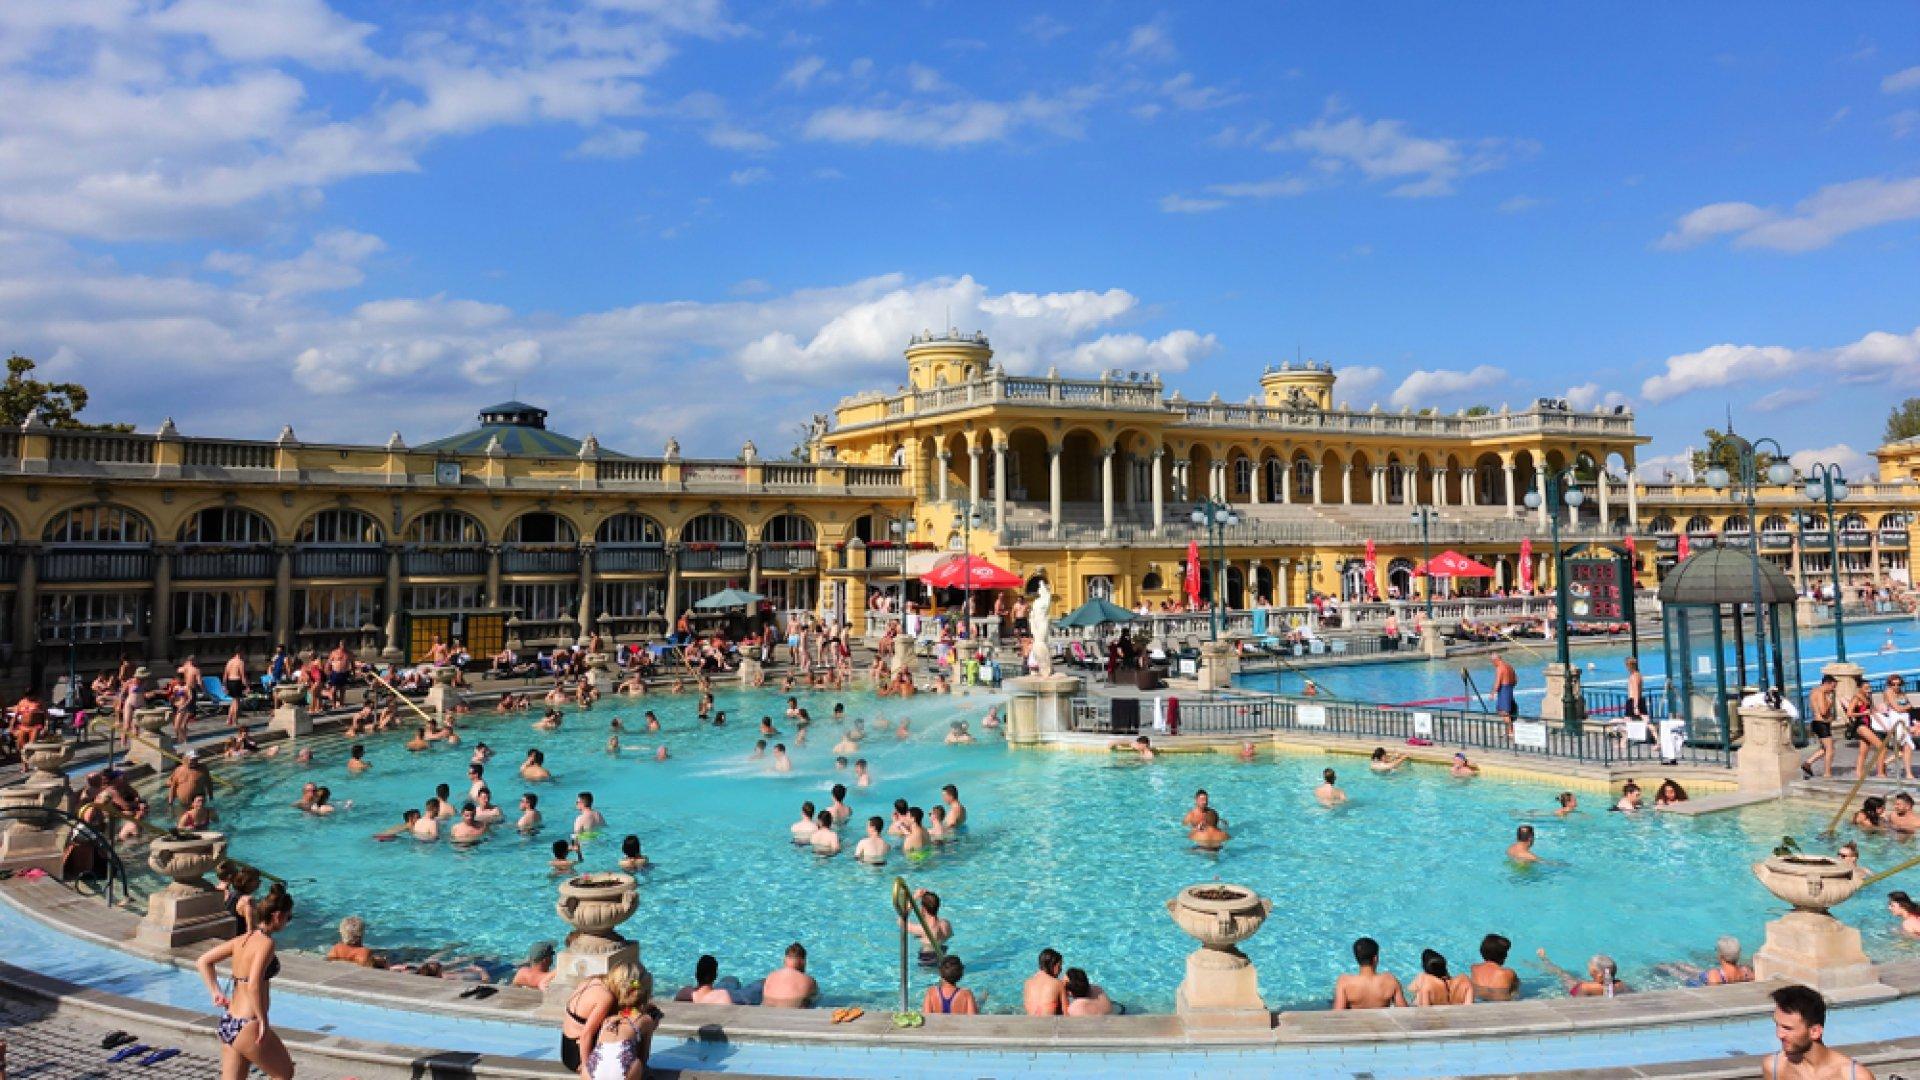 Будапешт признан лучшим туристическим направлением Европы